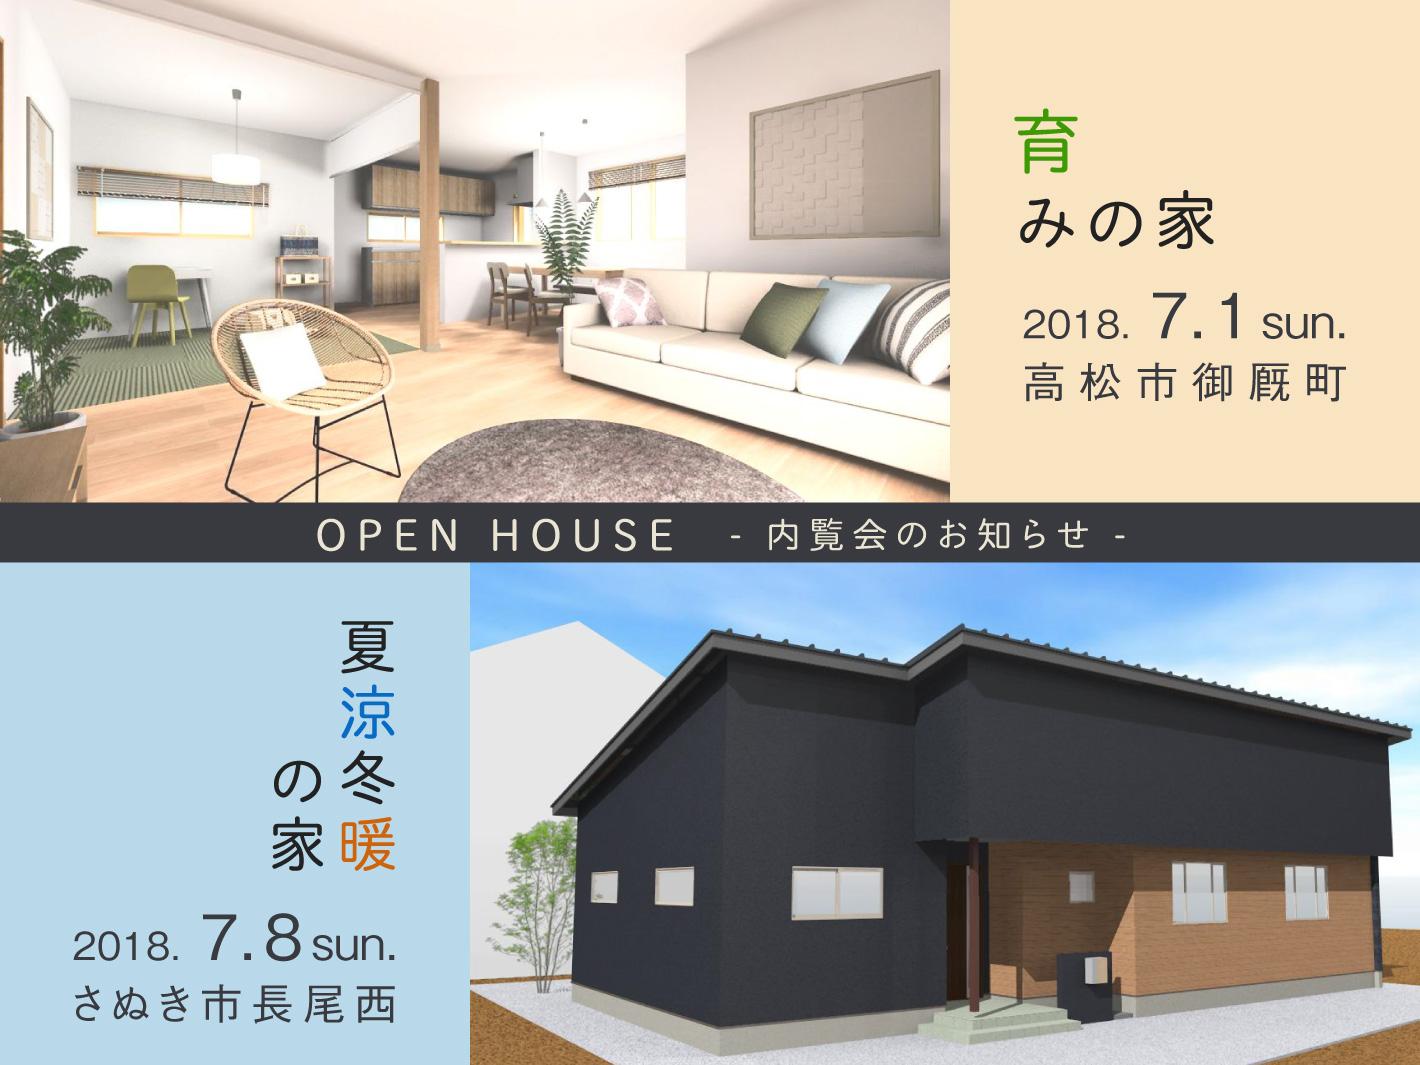 内覧会 - 高松市御厩町2018.7.1 / さぬき市長尾西7.8